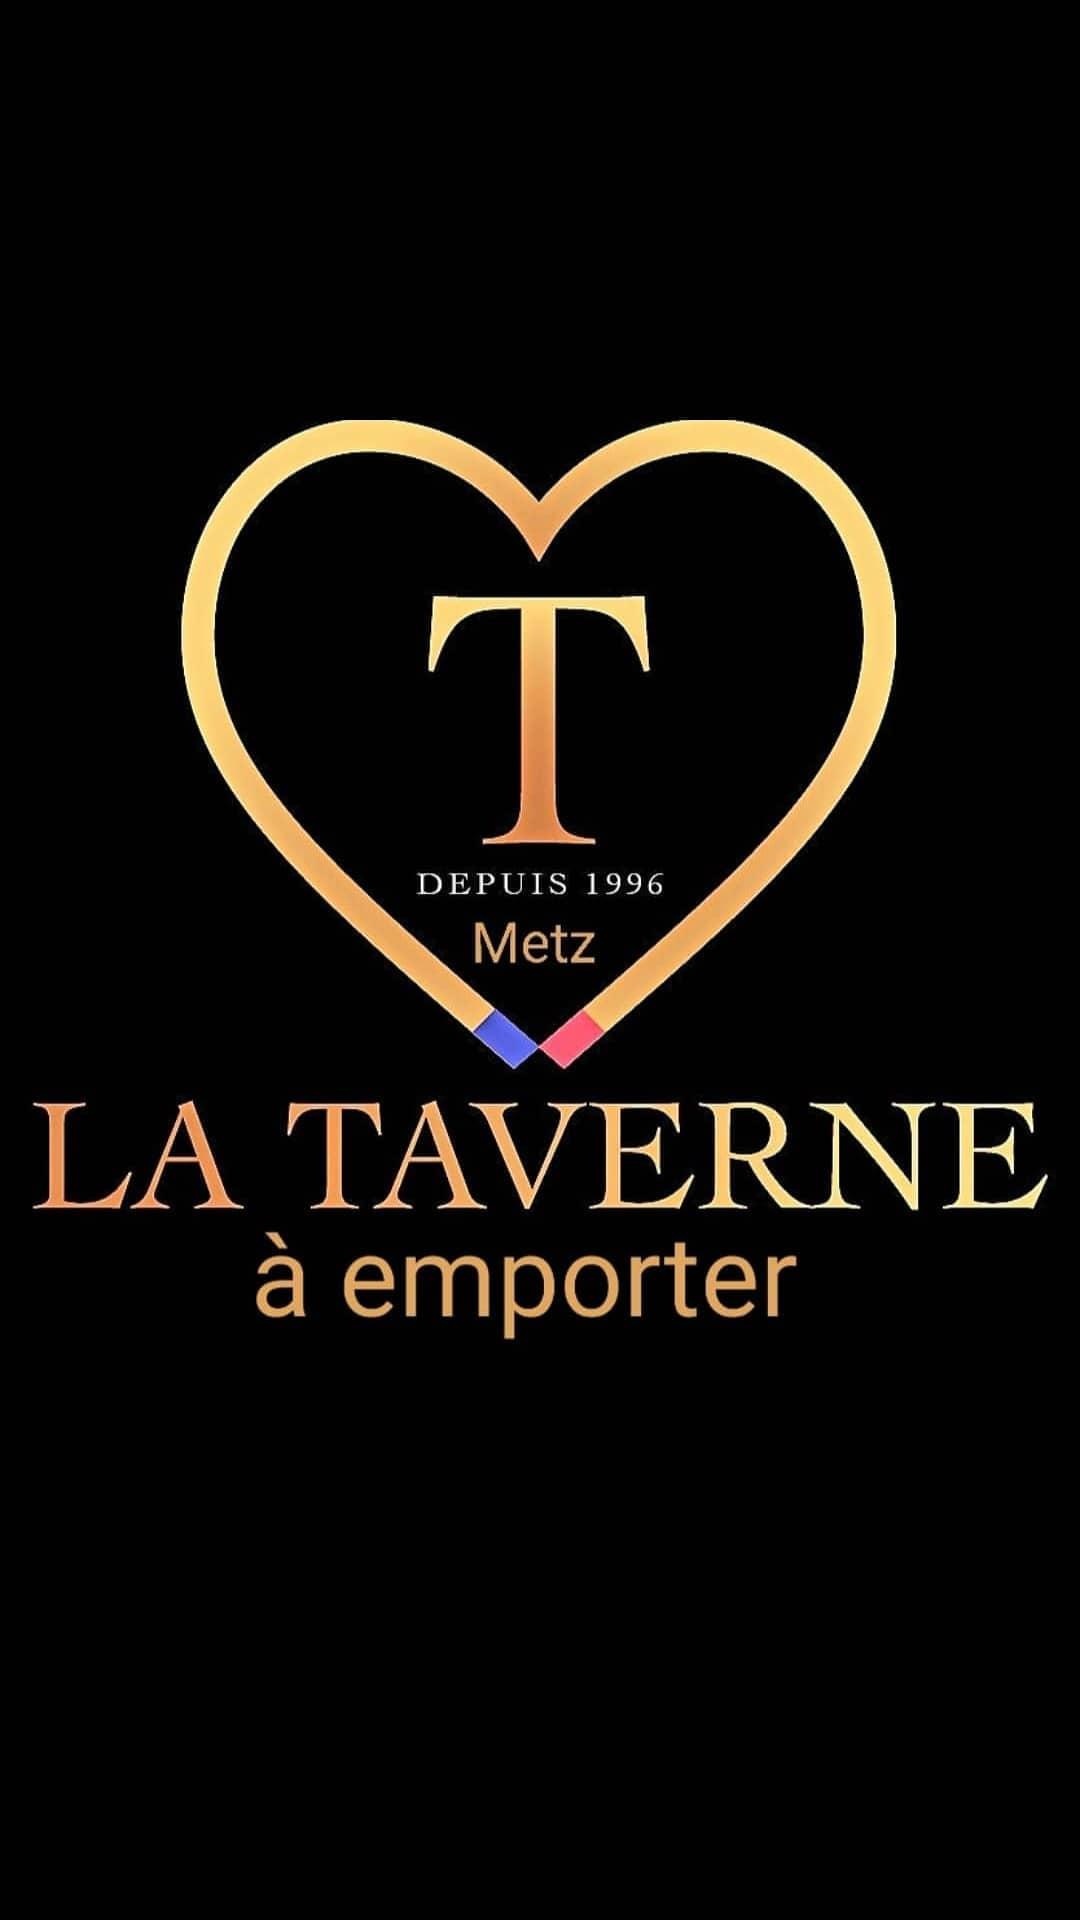 Logo La Taverne de Metz